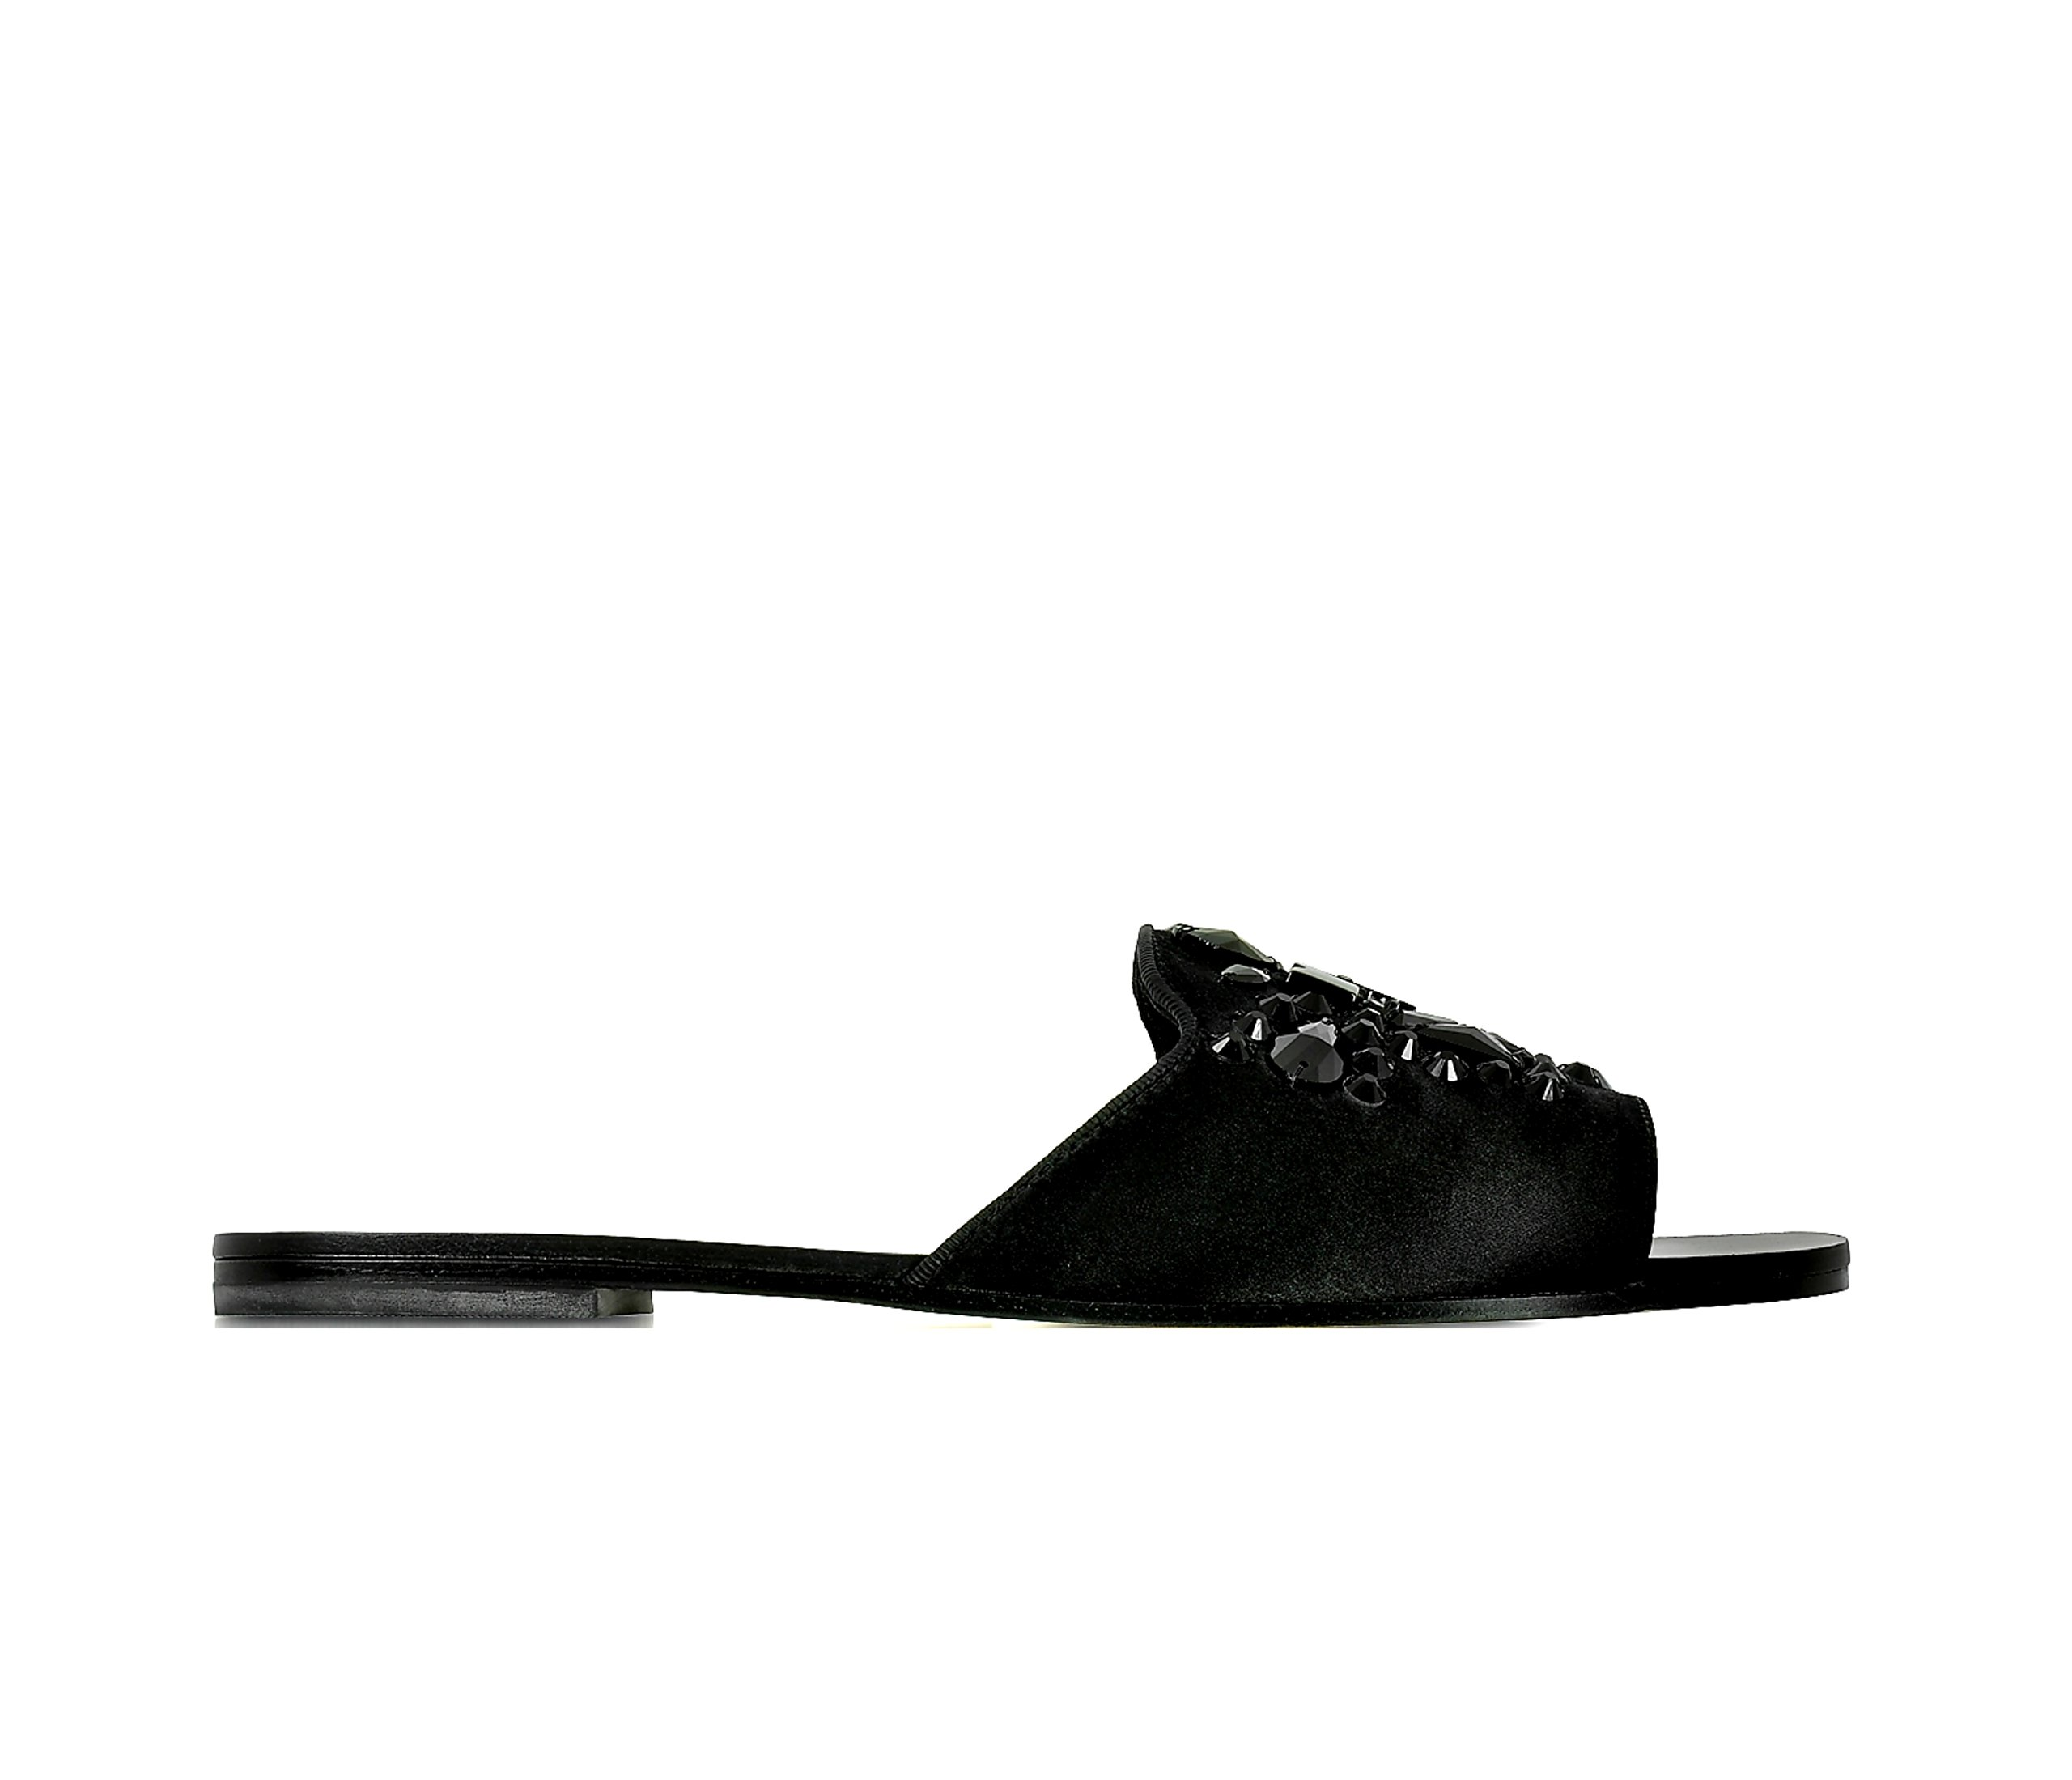 Tory Burch Black Delphine Slide Satin Lux Sandals Shoes (6)